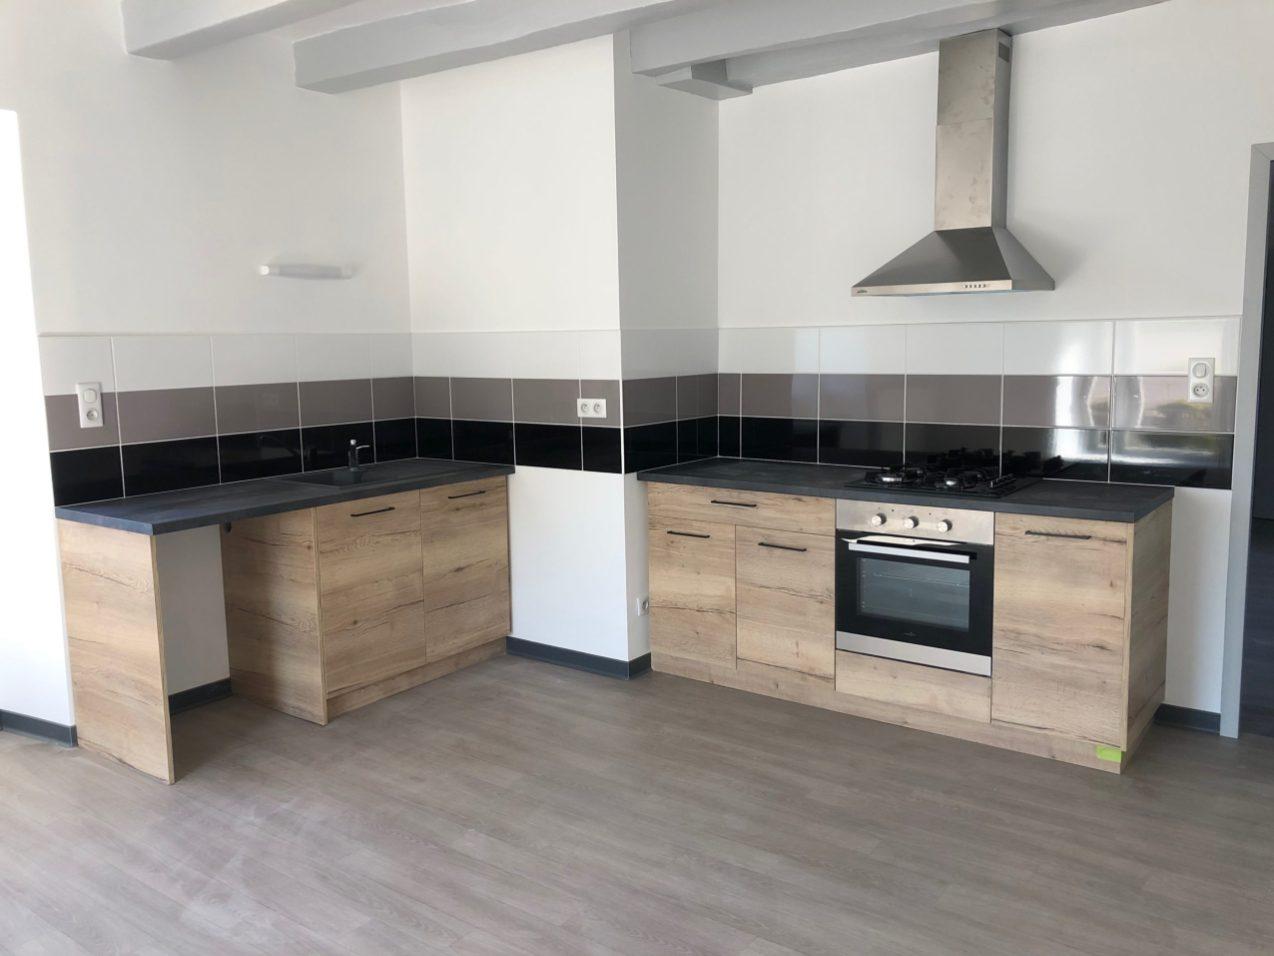 cuisine tendance sur mesure Lure Roye Belfort contemporaine moderne bois noir